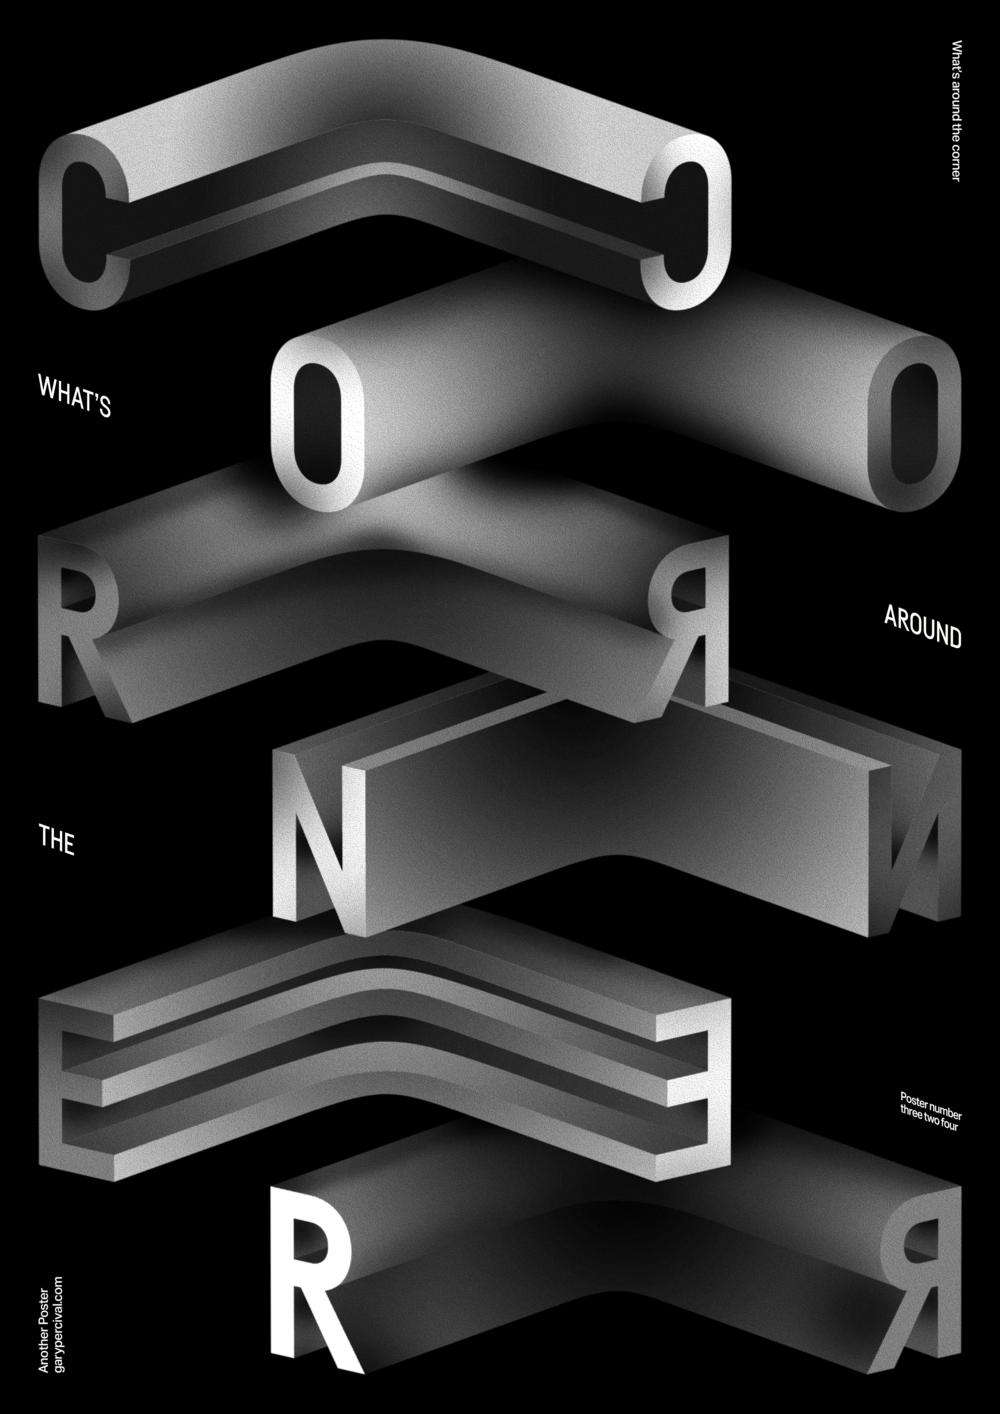 Around_The_Corner-#324.png